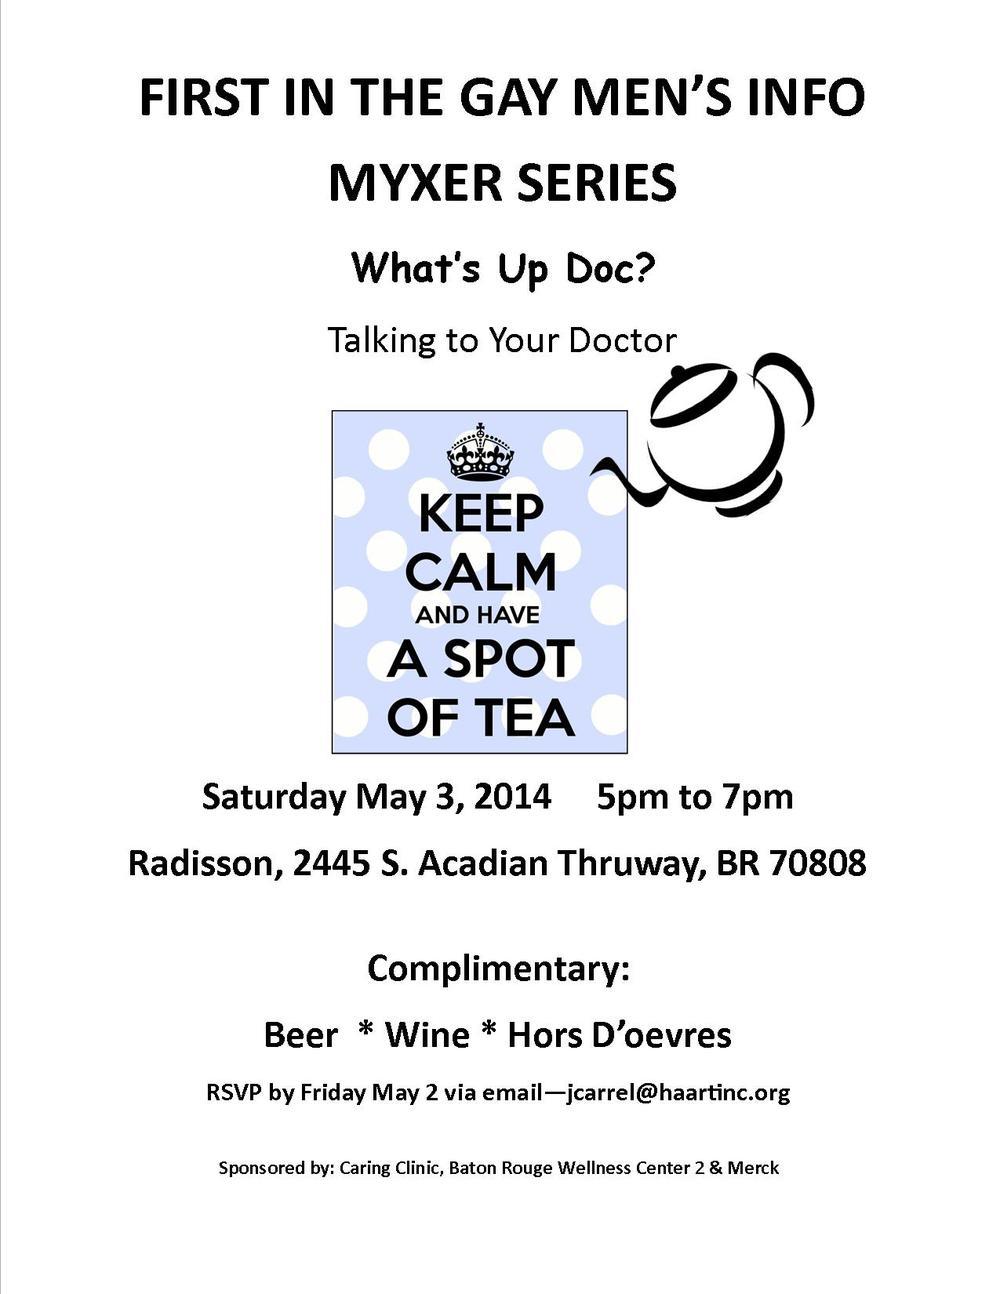 Myxer Series 1